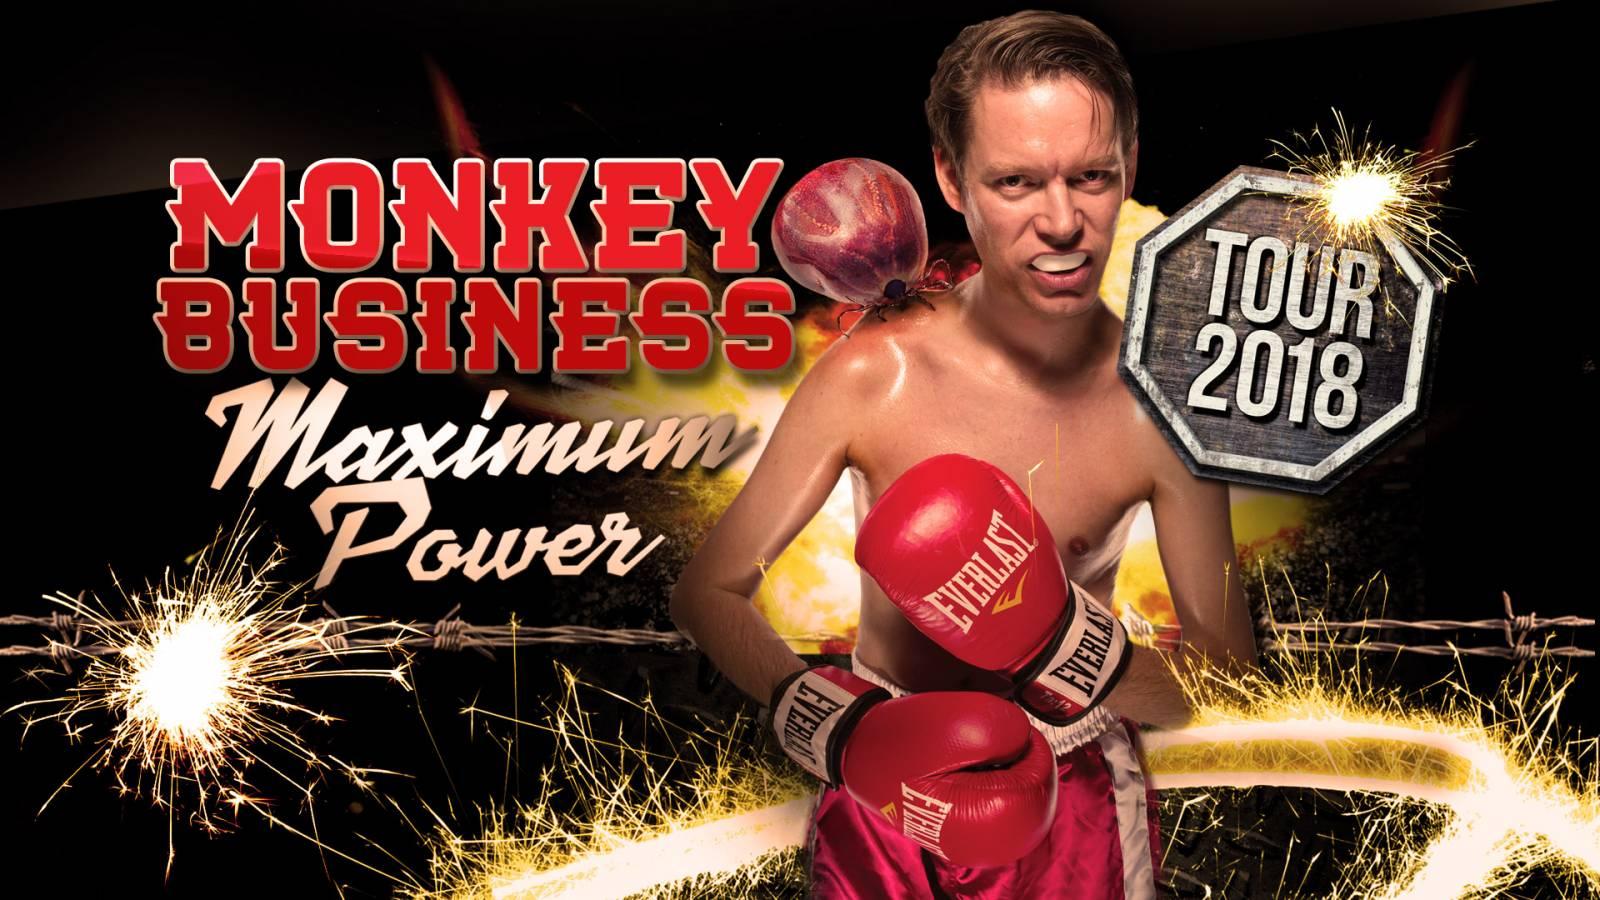 SOUTĚŽ: Monkey Business – Maximum Power Tour